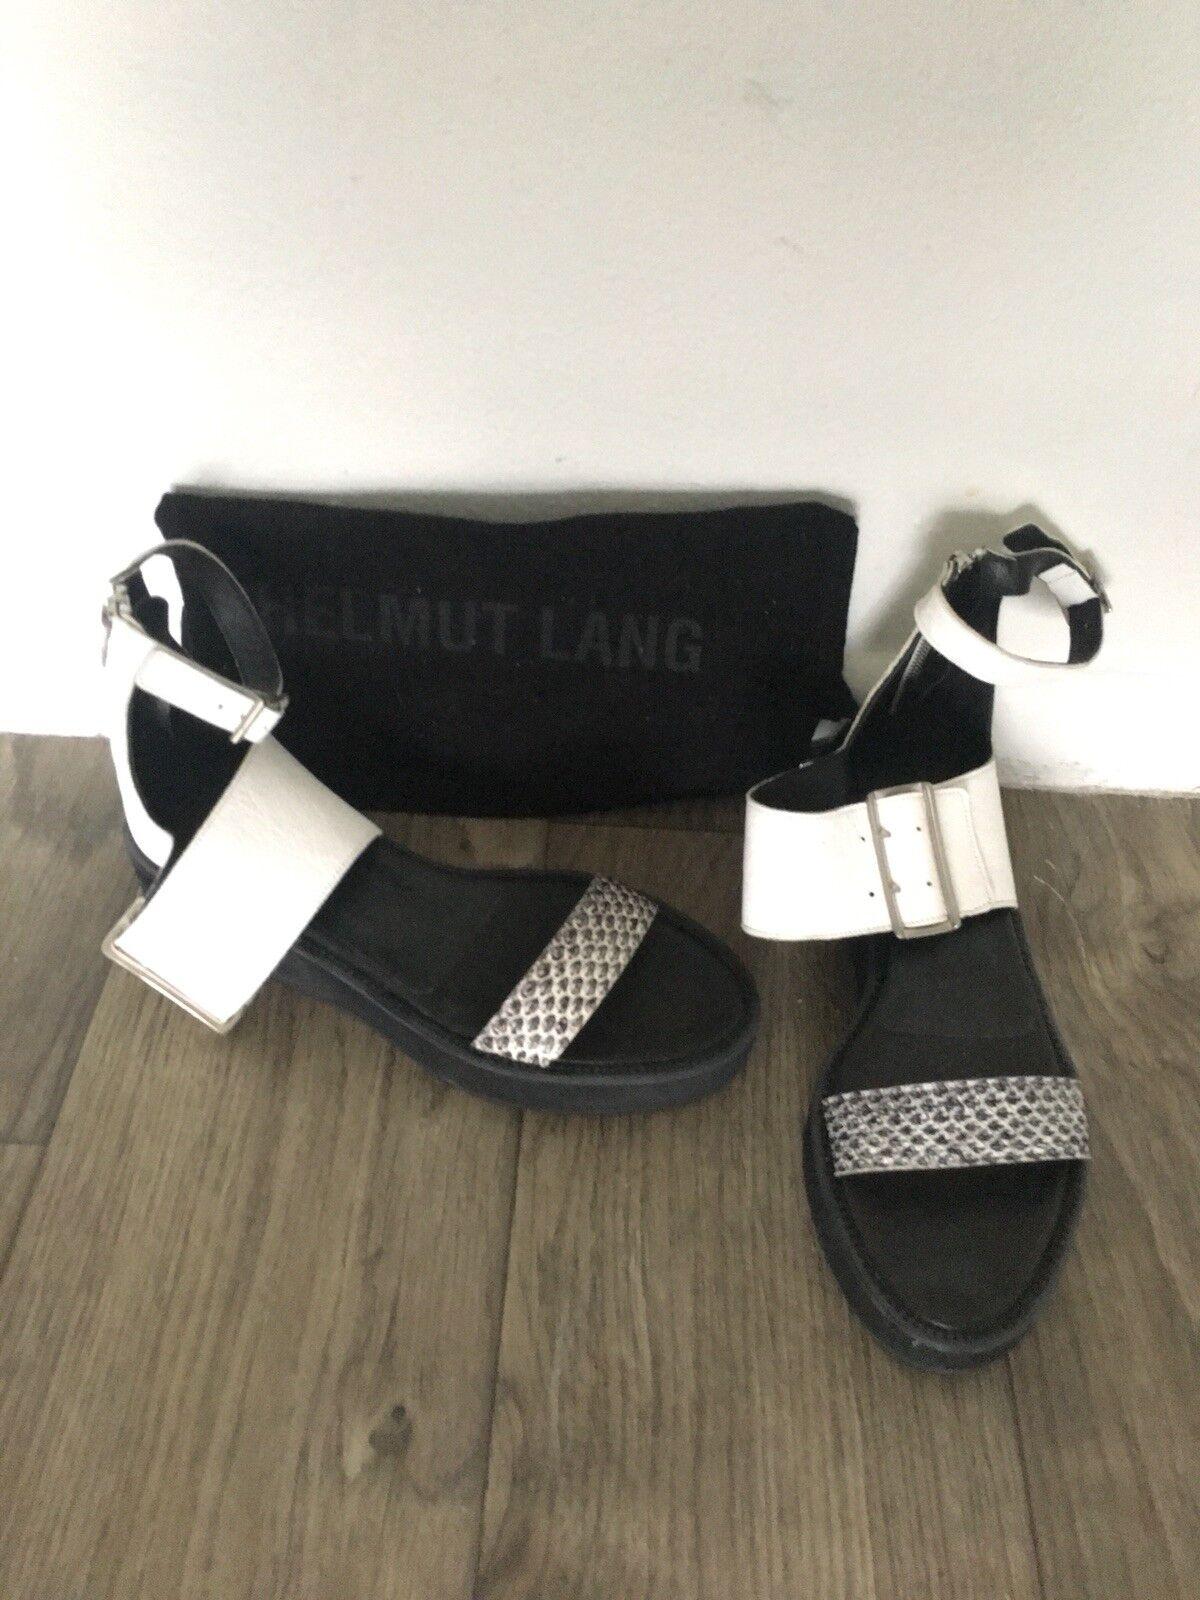 aquí tiene la última Helmut Lang 3 3 3 Correa Sandalia zapato nuevo con etiquetas 38.5 Negro blancooo Gráfico Serpiente  protección post-venta